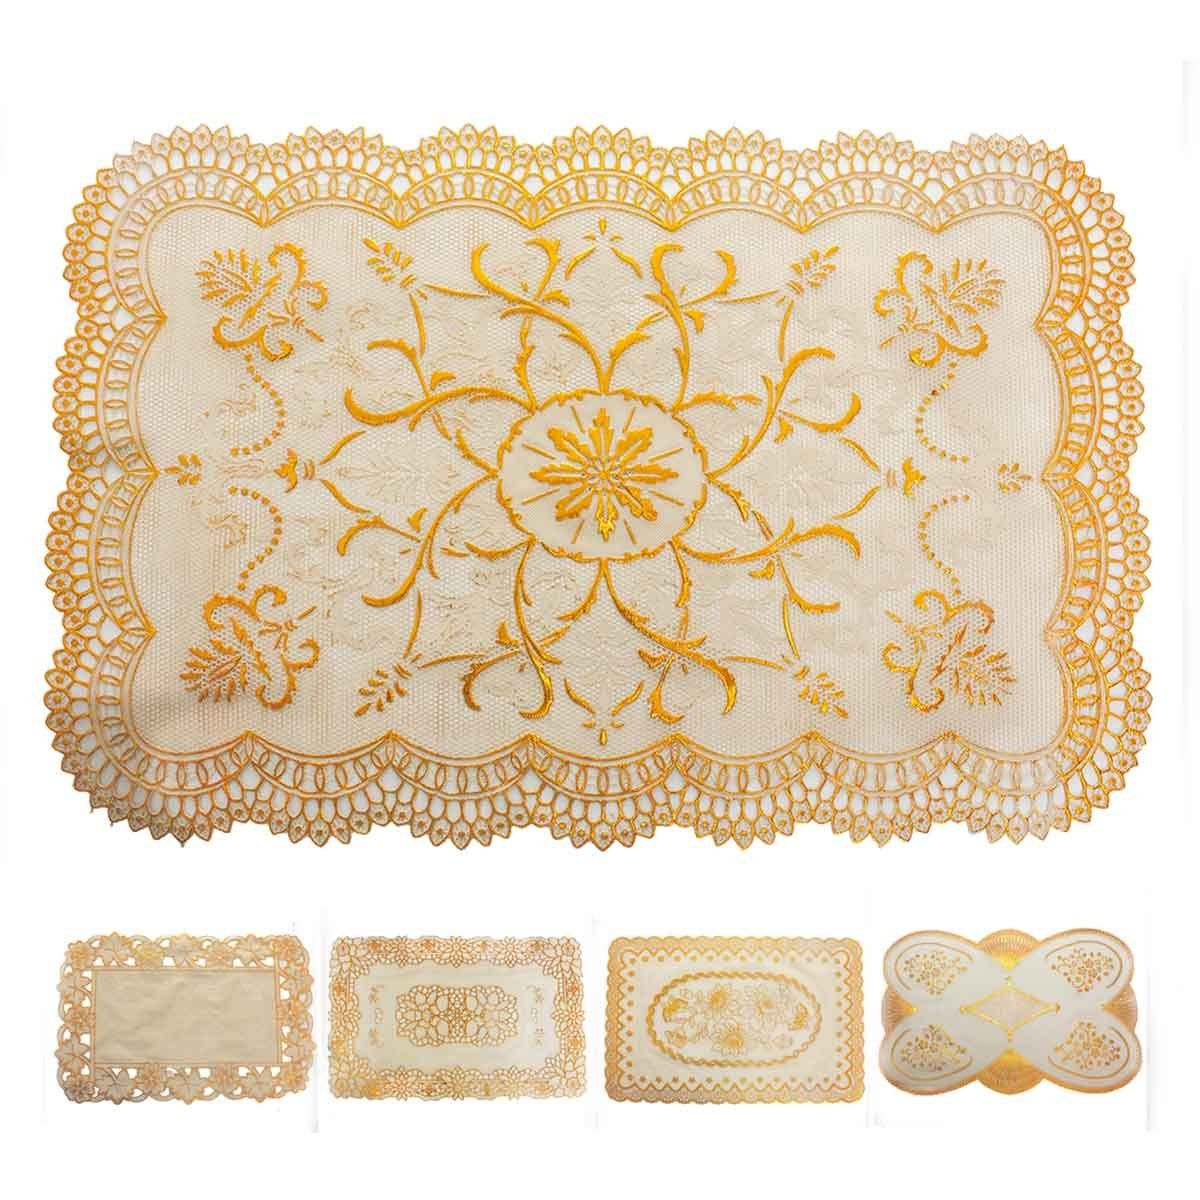 Toalha Jogo Americano Plástico Bordado Dourado Cozinha